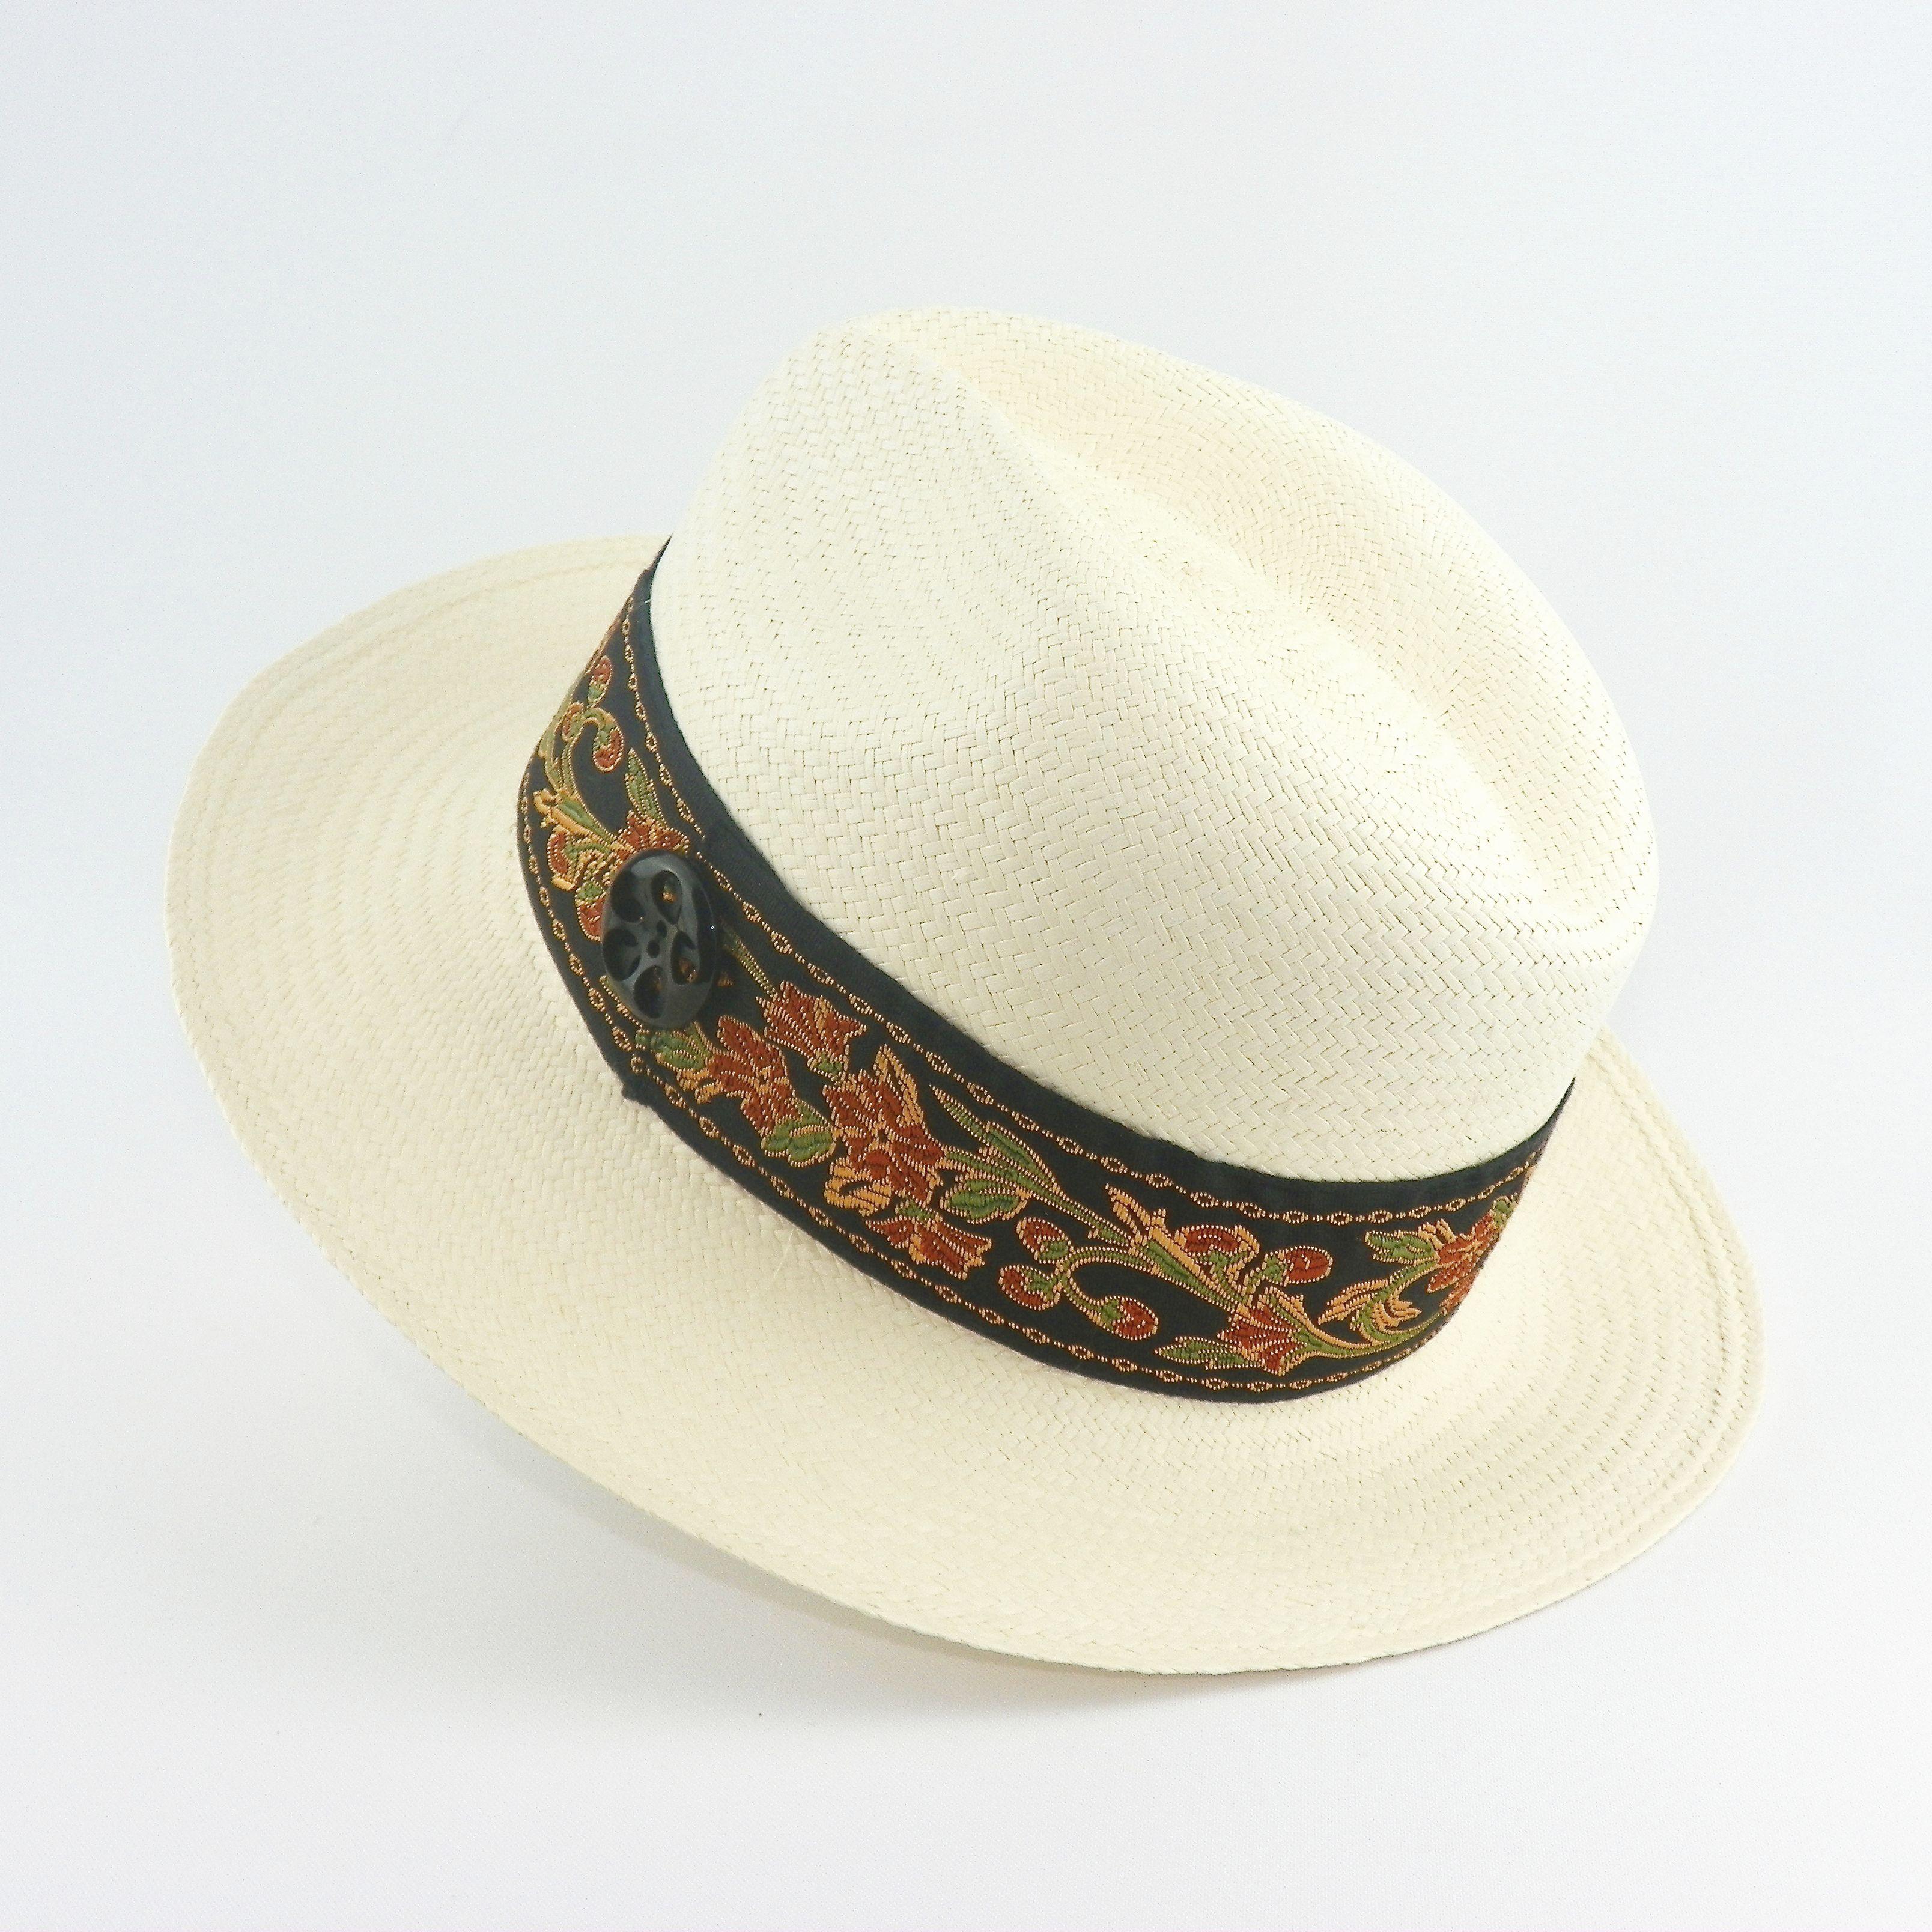 Sombreros Montecristi 2c59319cfee